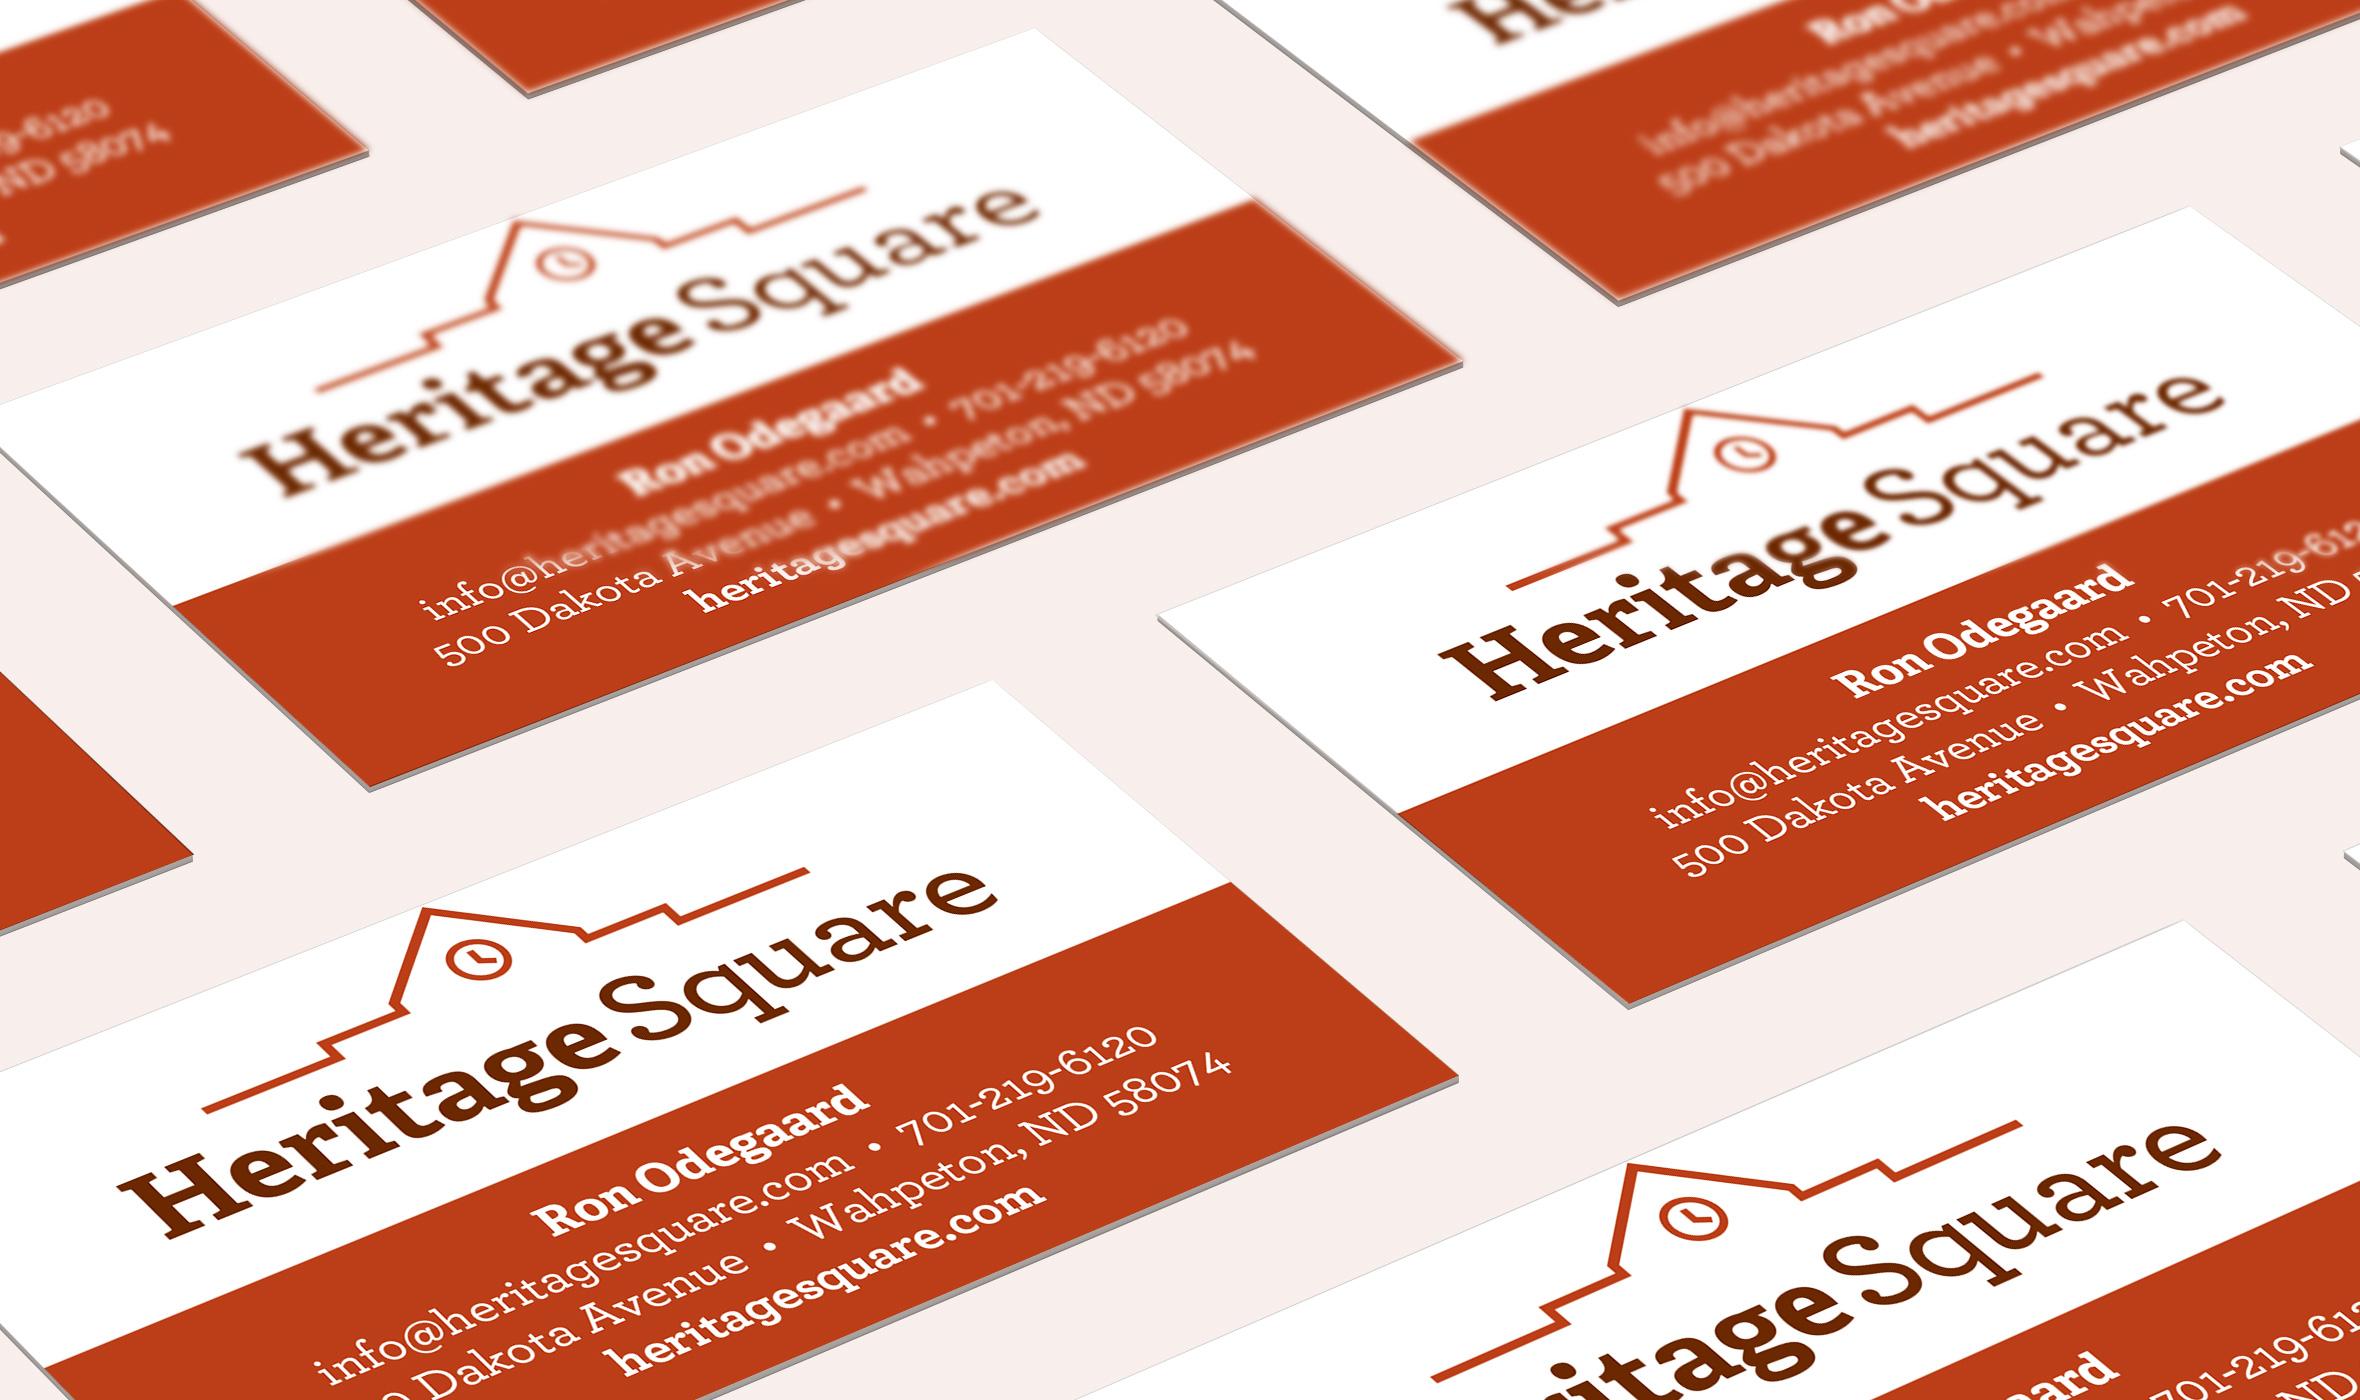 HeritageSquareBusinessCards